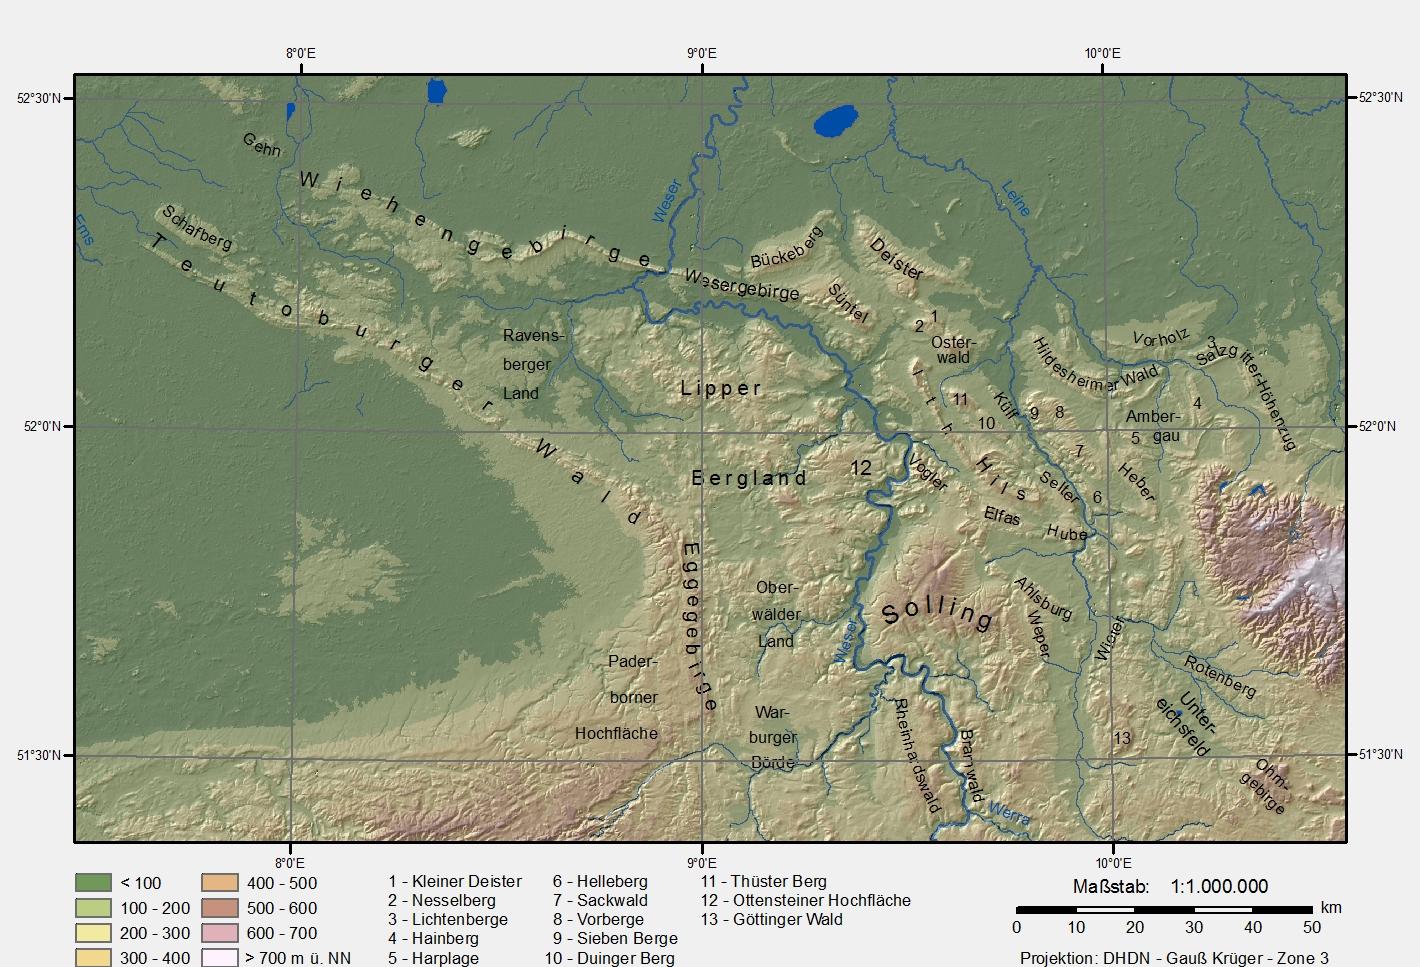 Varusschlacht Karte.Teutoburger Wald Wikipedia